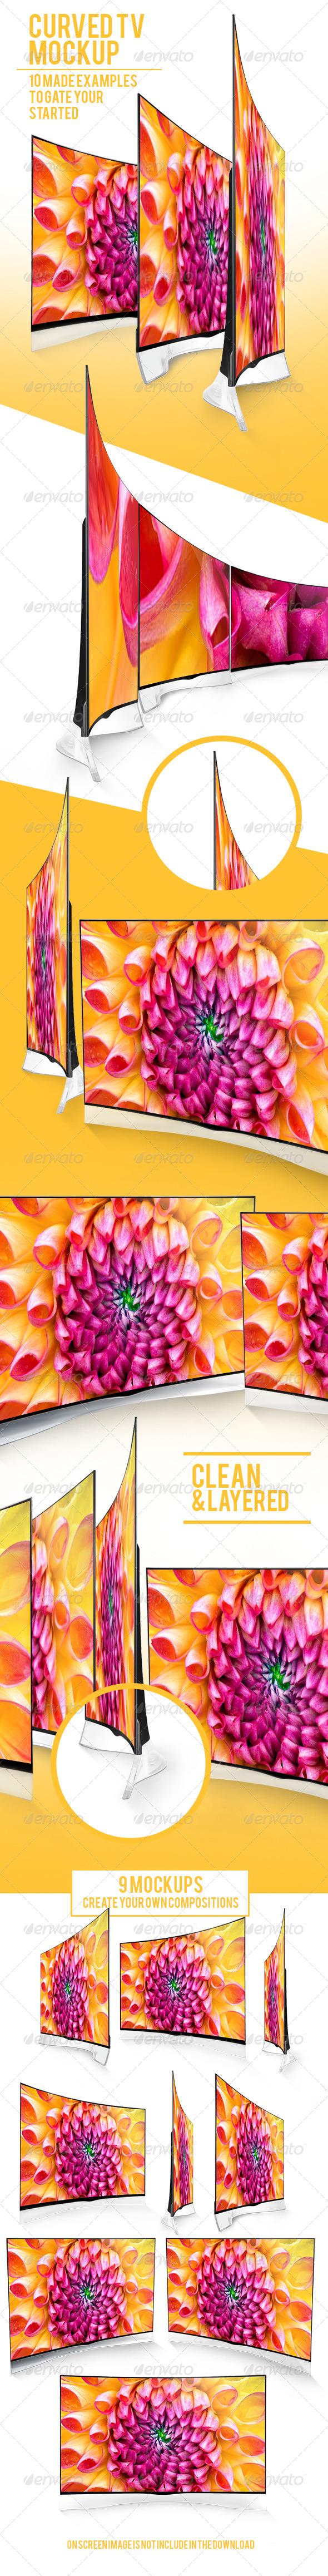 Curved TV Mockups Pack - TV Displays